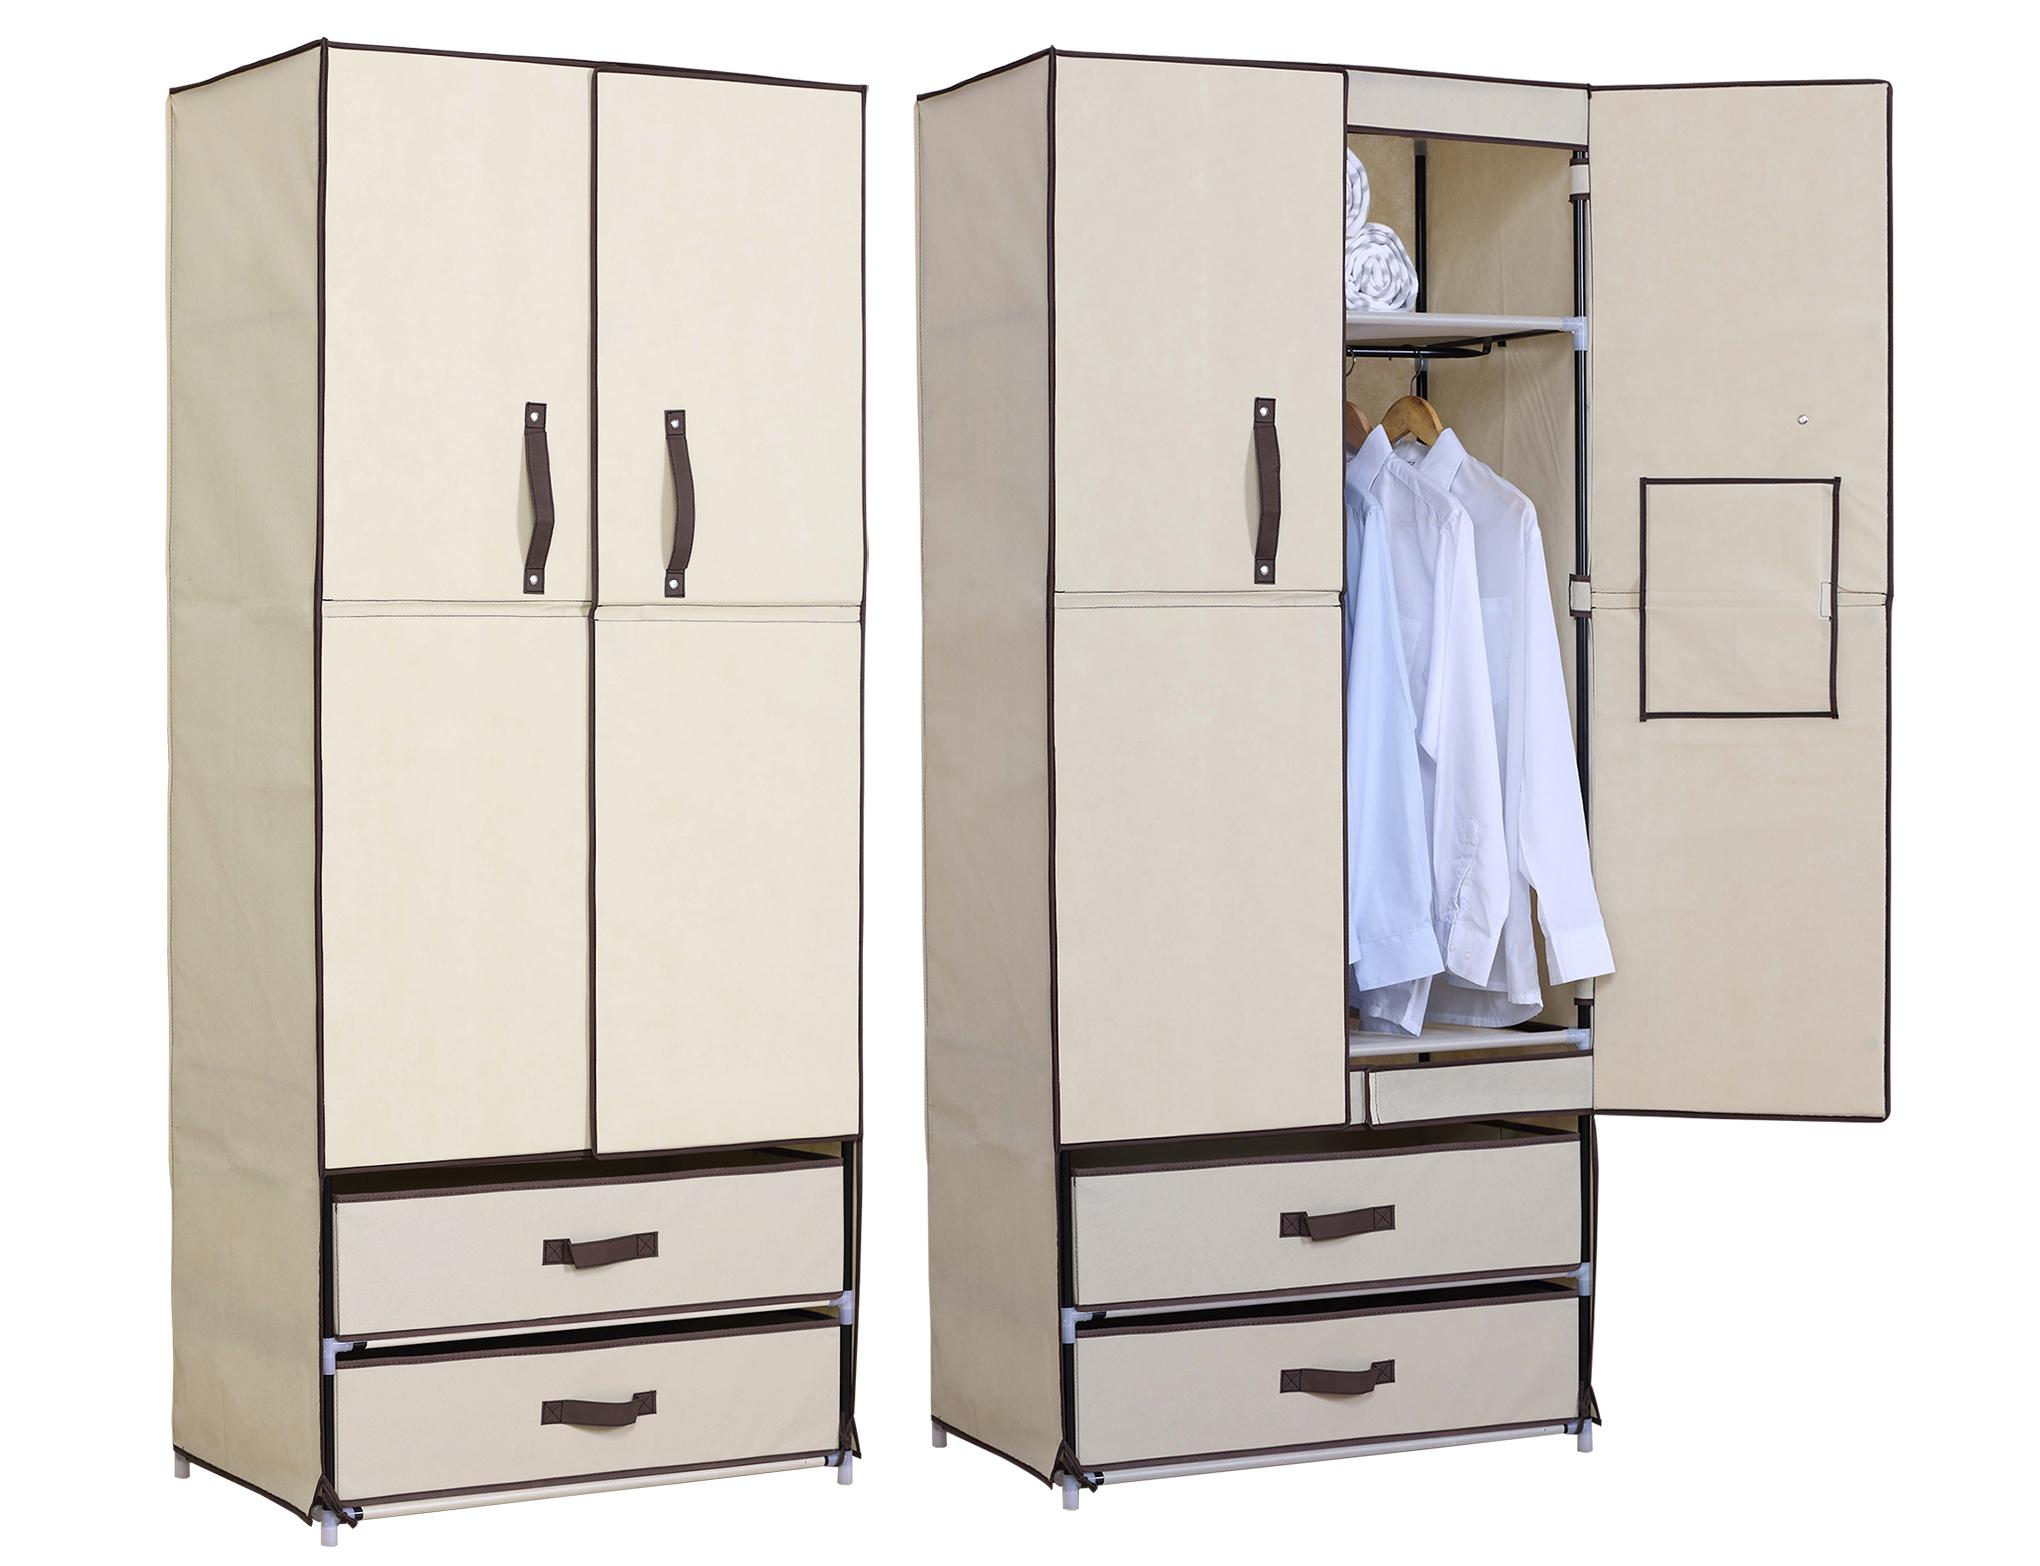 Kleiderschrank garderobenschrank stoff textil mit - Kleiderschrank stoff poco ...